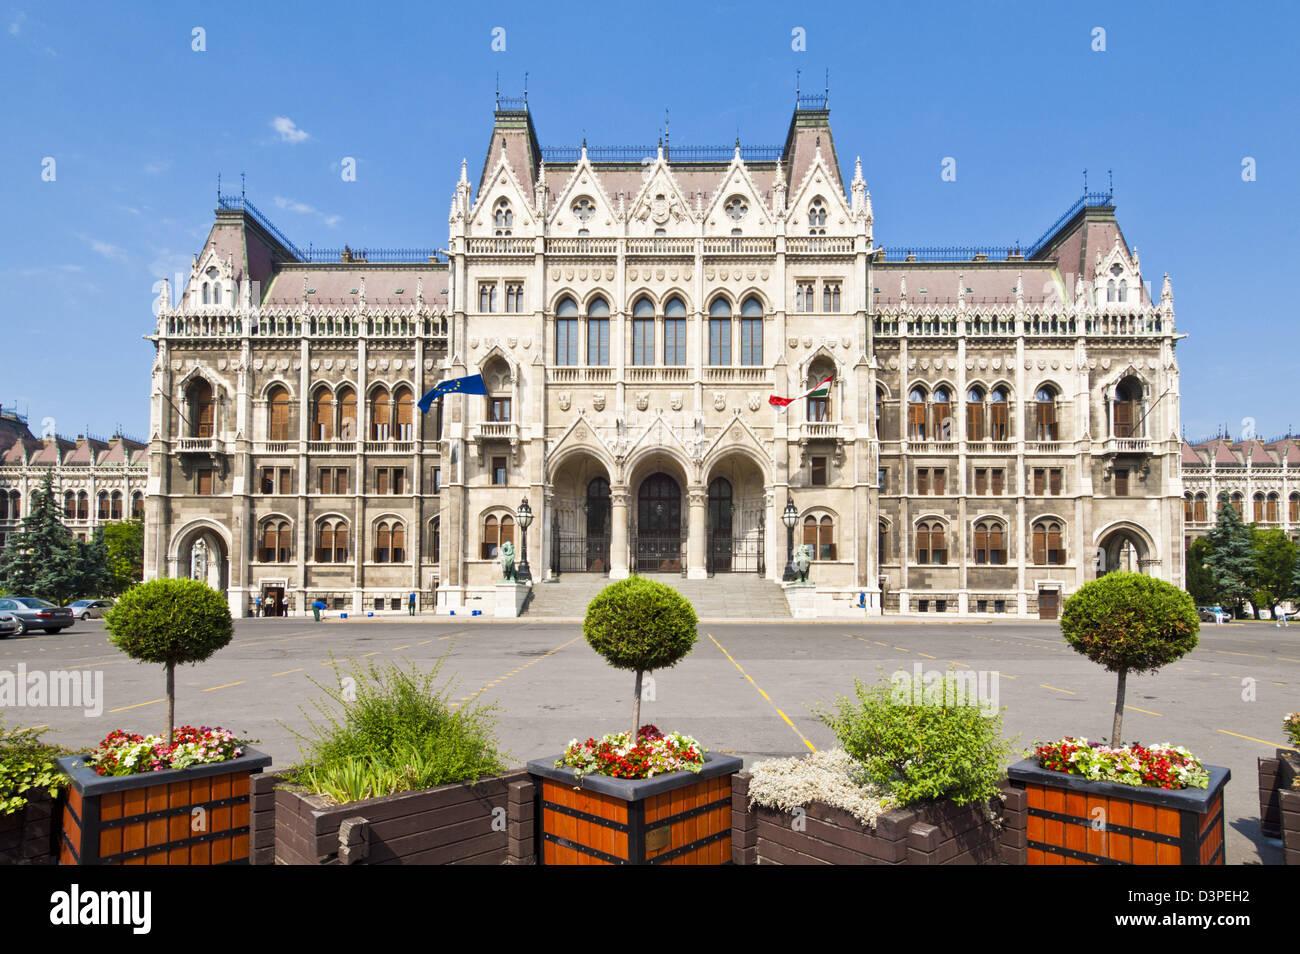 Das neugotische ungarischen Parlamentsgebäude Eingang entworfen von Imre Steindl, Budapest, Ungarn, Europa, Stockbild